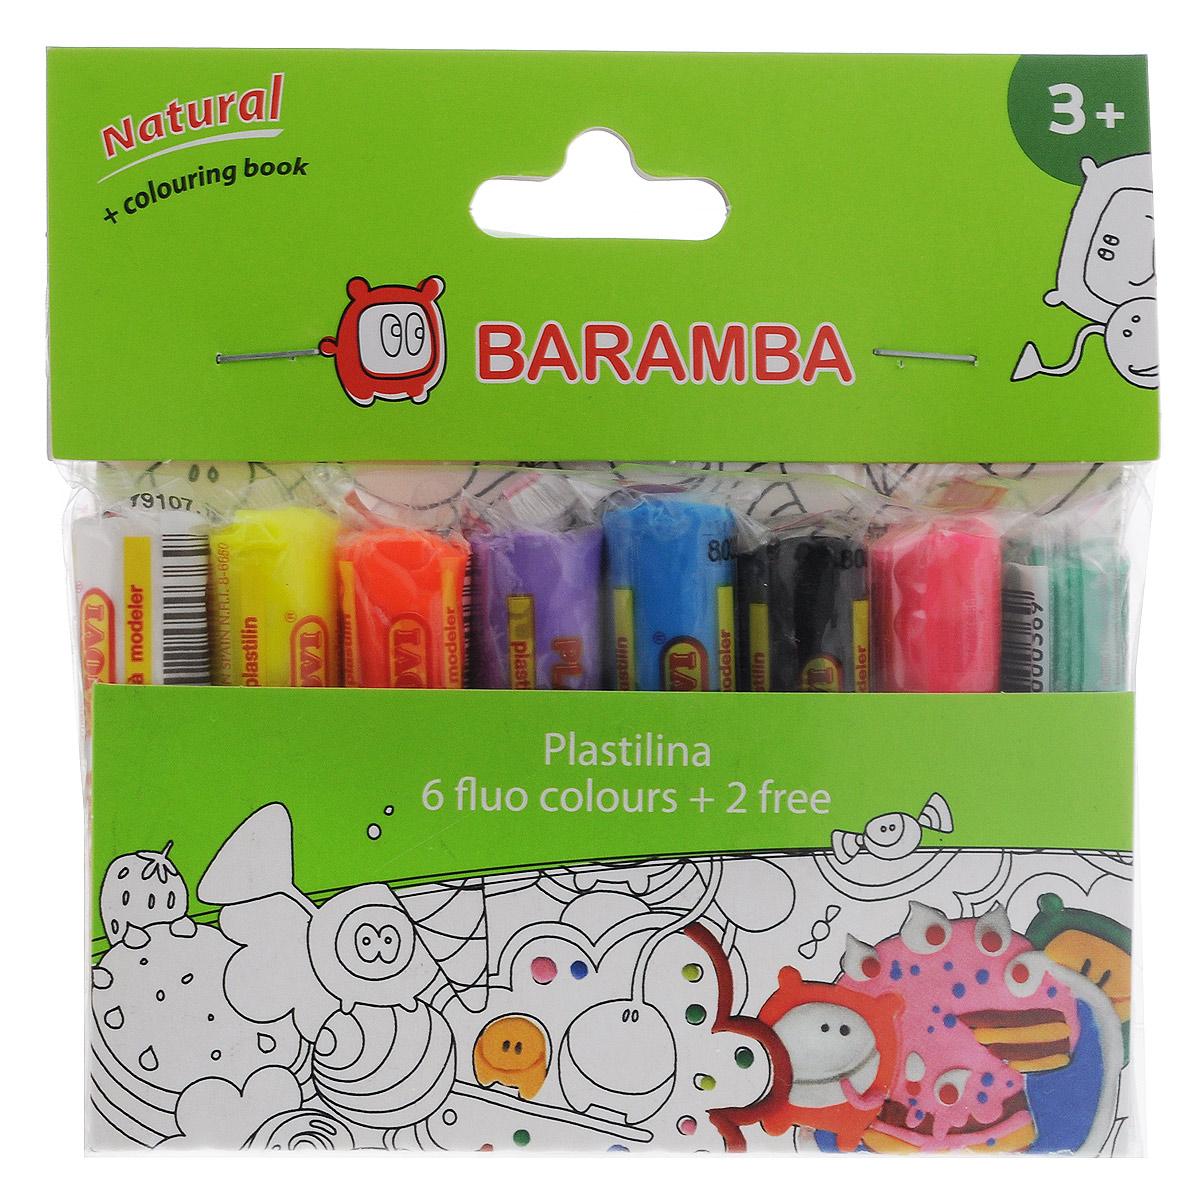 Пластилин на натуральной основе Baramba, с пищевыми красителями, 8 флоурисцветных цветовПластилин 6 цветов (белый, желтый, светло-коричневый, красный, голубой, зеленый)Пластилин Baramba это отличная возможность познакомить ребенка с еще одним из видов изобразительного творчества, в котором создаются объемные образы и целые композиции. В набор входит пластилин 8 ярких цветов (белый, желтый, оранжевый, фиолетовый, голубой, черный, розовый, зеленый), раскраска Цвета пластилина легко смешиваются между собой, и таким образом можно получить новые оттенки. Пластилин на растительной основе имеет яркие, красочные цвета и не липнет к рукам, не сохнет. Техника лепки богата и разнообразна, но при этом доступна даже маленьким детям. Занятие лепкой не только увлекательно, но и полезно для ребенка. Оно способствует развитию творческого и пространственного мышления, восприятия формы, фактуры, цвета и веса, развивает воображение и мелкую моторику.